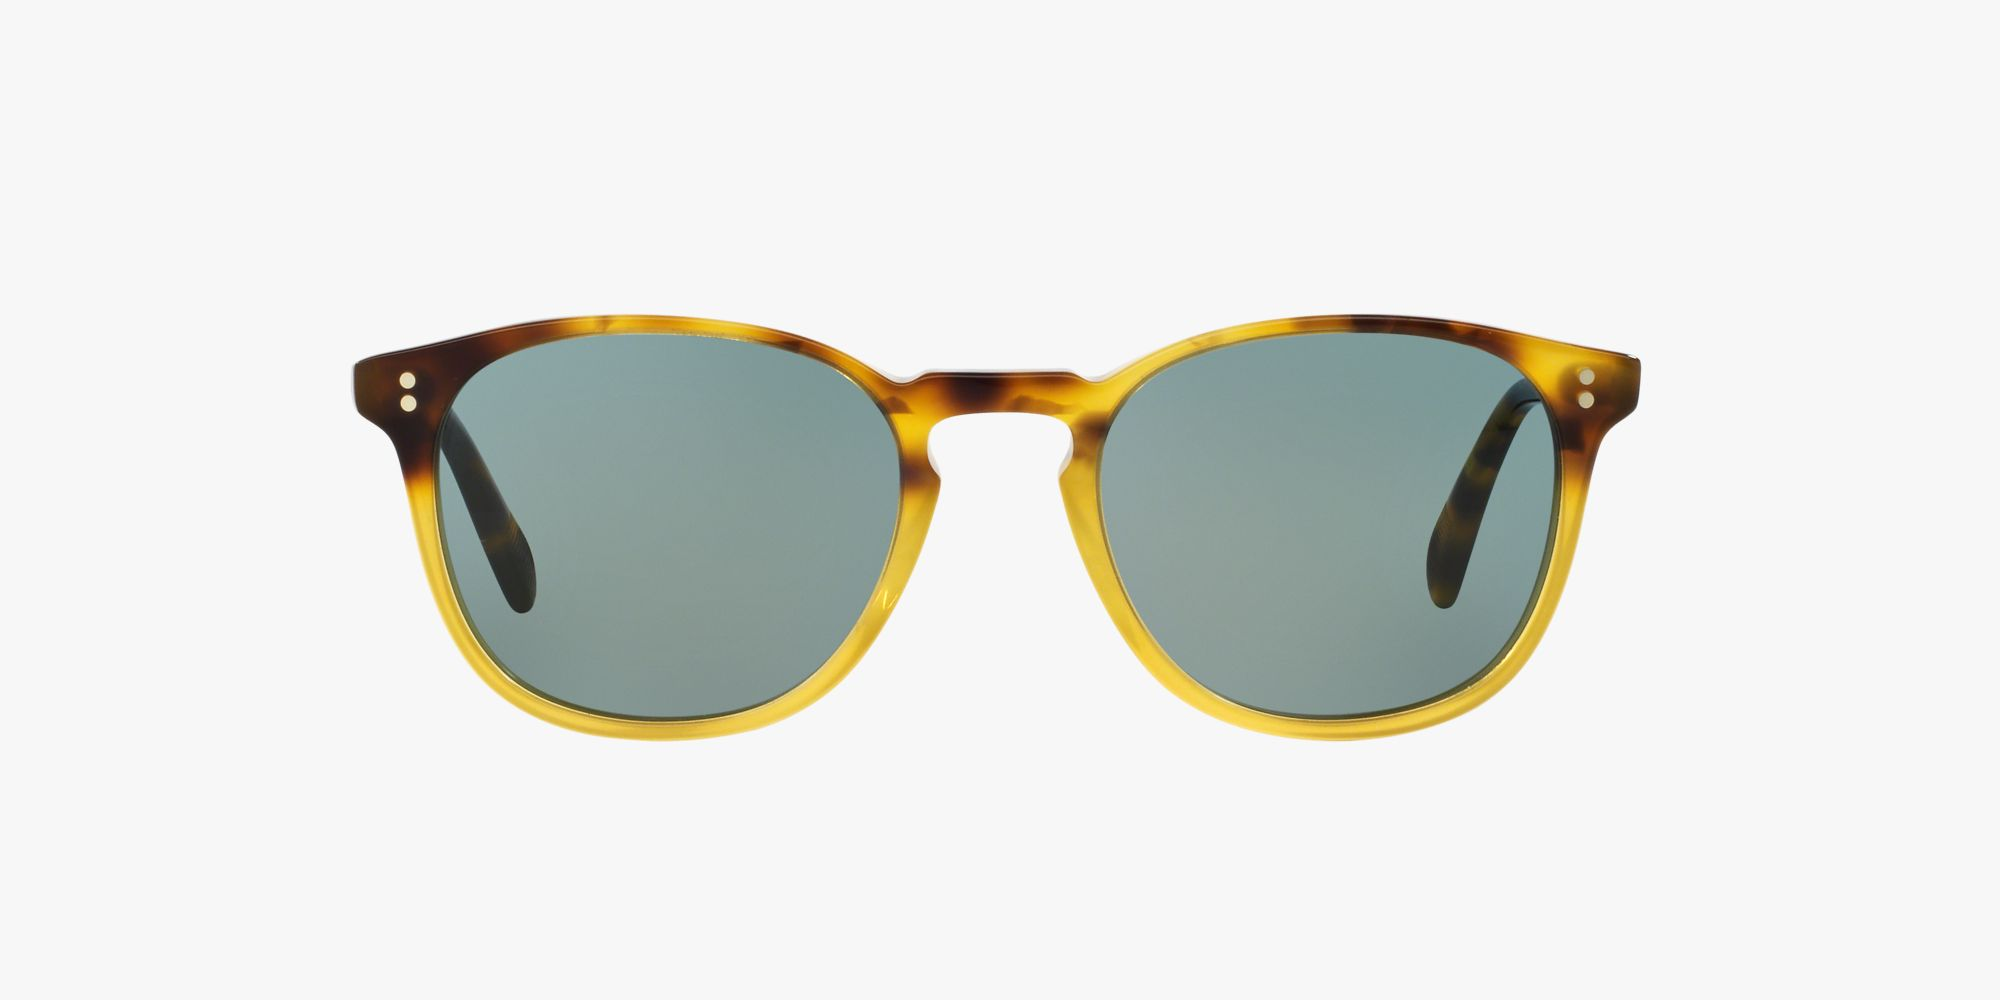 e422eddf62b Sun OV5298SU - Vintage Brown Tortoise Gradient - Indigo Photo ...